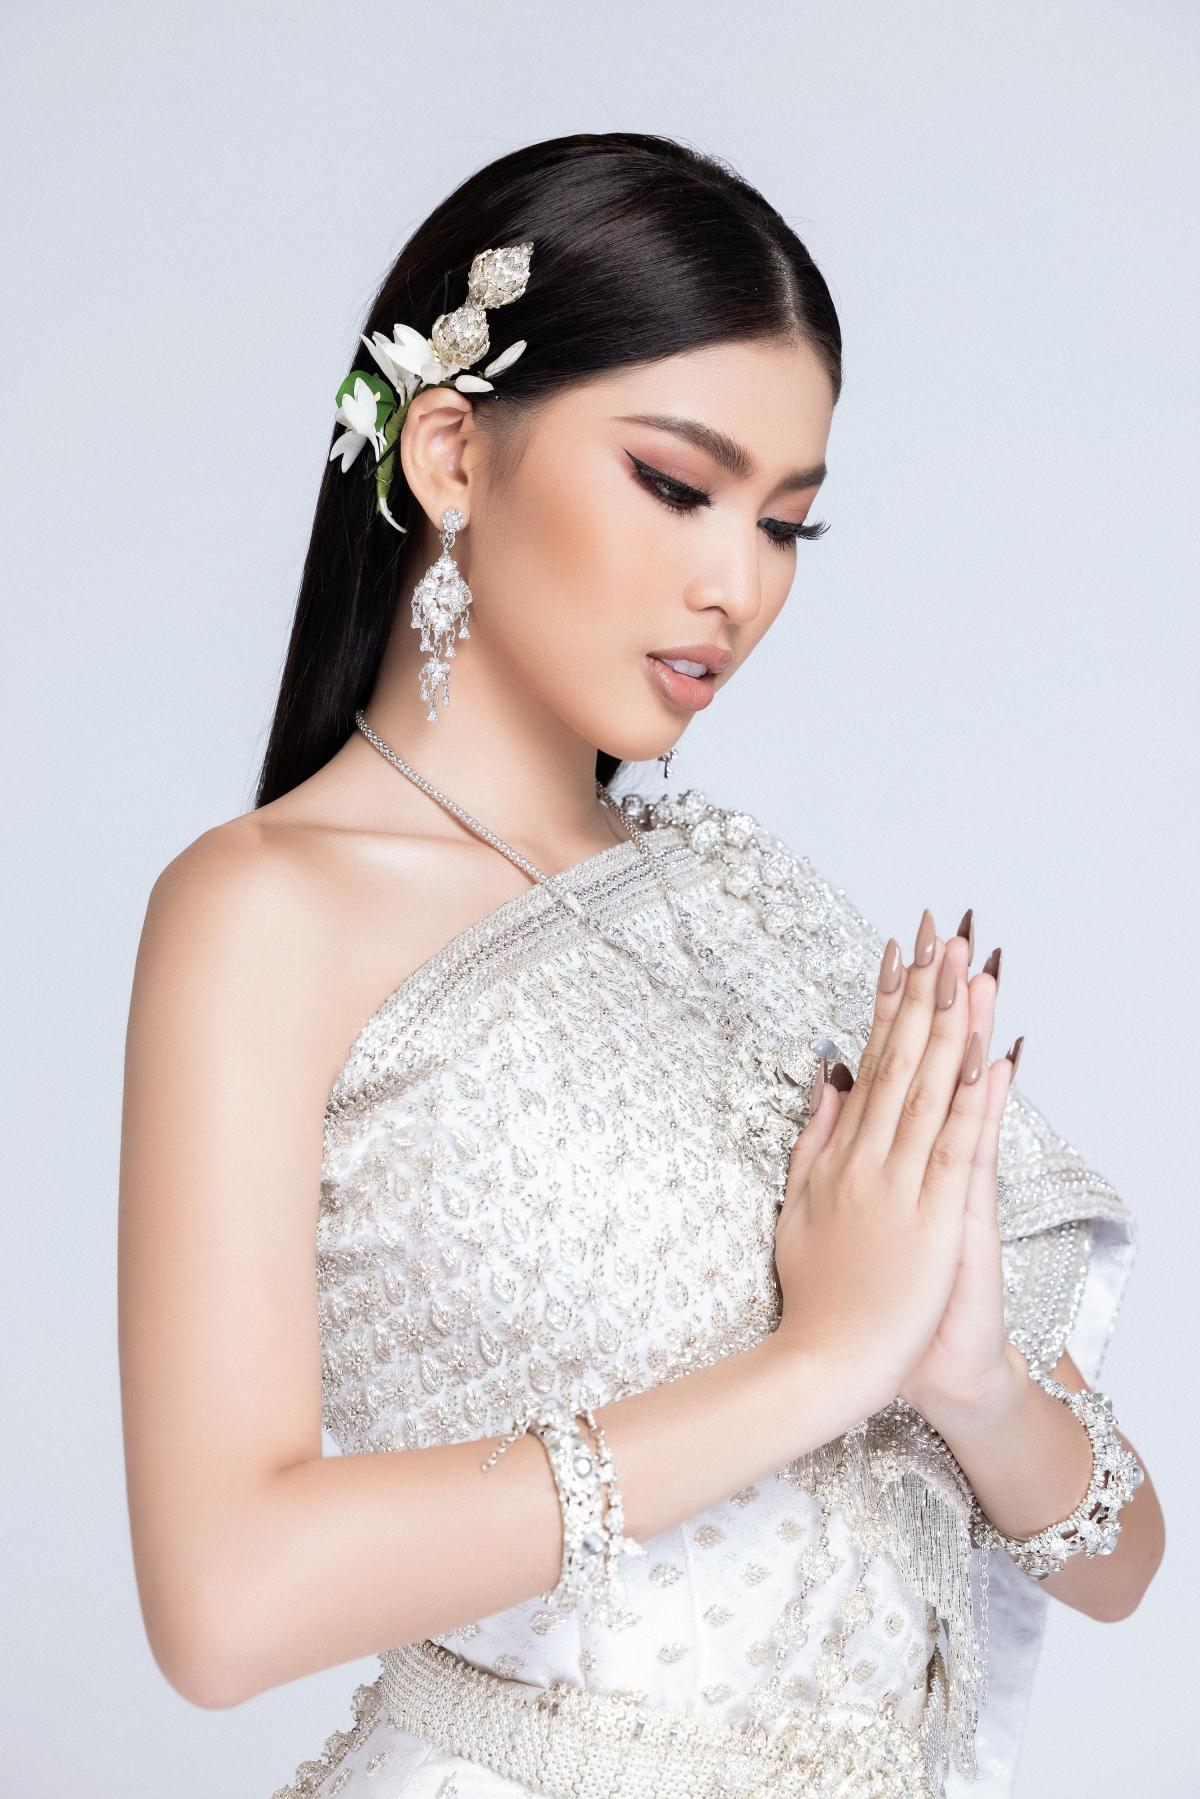 Các hoạt động chính thức của cuộc thi Miss Grand International 2020 sẽ bắt đầu diễn ra từ ngày 16/3. Á hậu Ngọc Thảo cùng hơn 60 đại diện khác sẽ phải vượt qua nhiều vòng thi phụ như thi quốc phục, thi trang phục áo tắm, thi phỏng vấn,... Đêm Chung kết dự kiến diễn ra vào ngày 27/3 tại Bangkok, Thái Lan./.